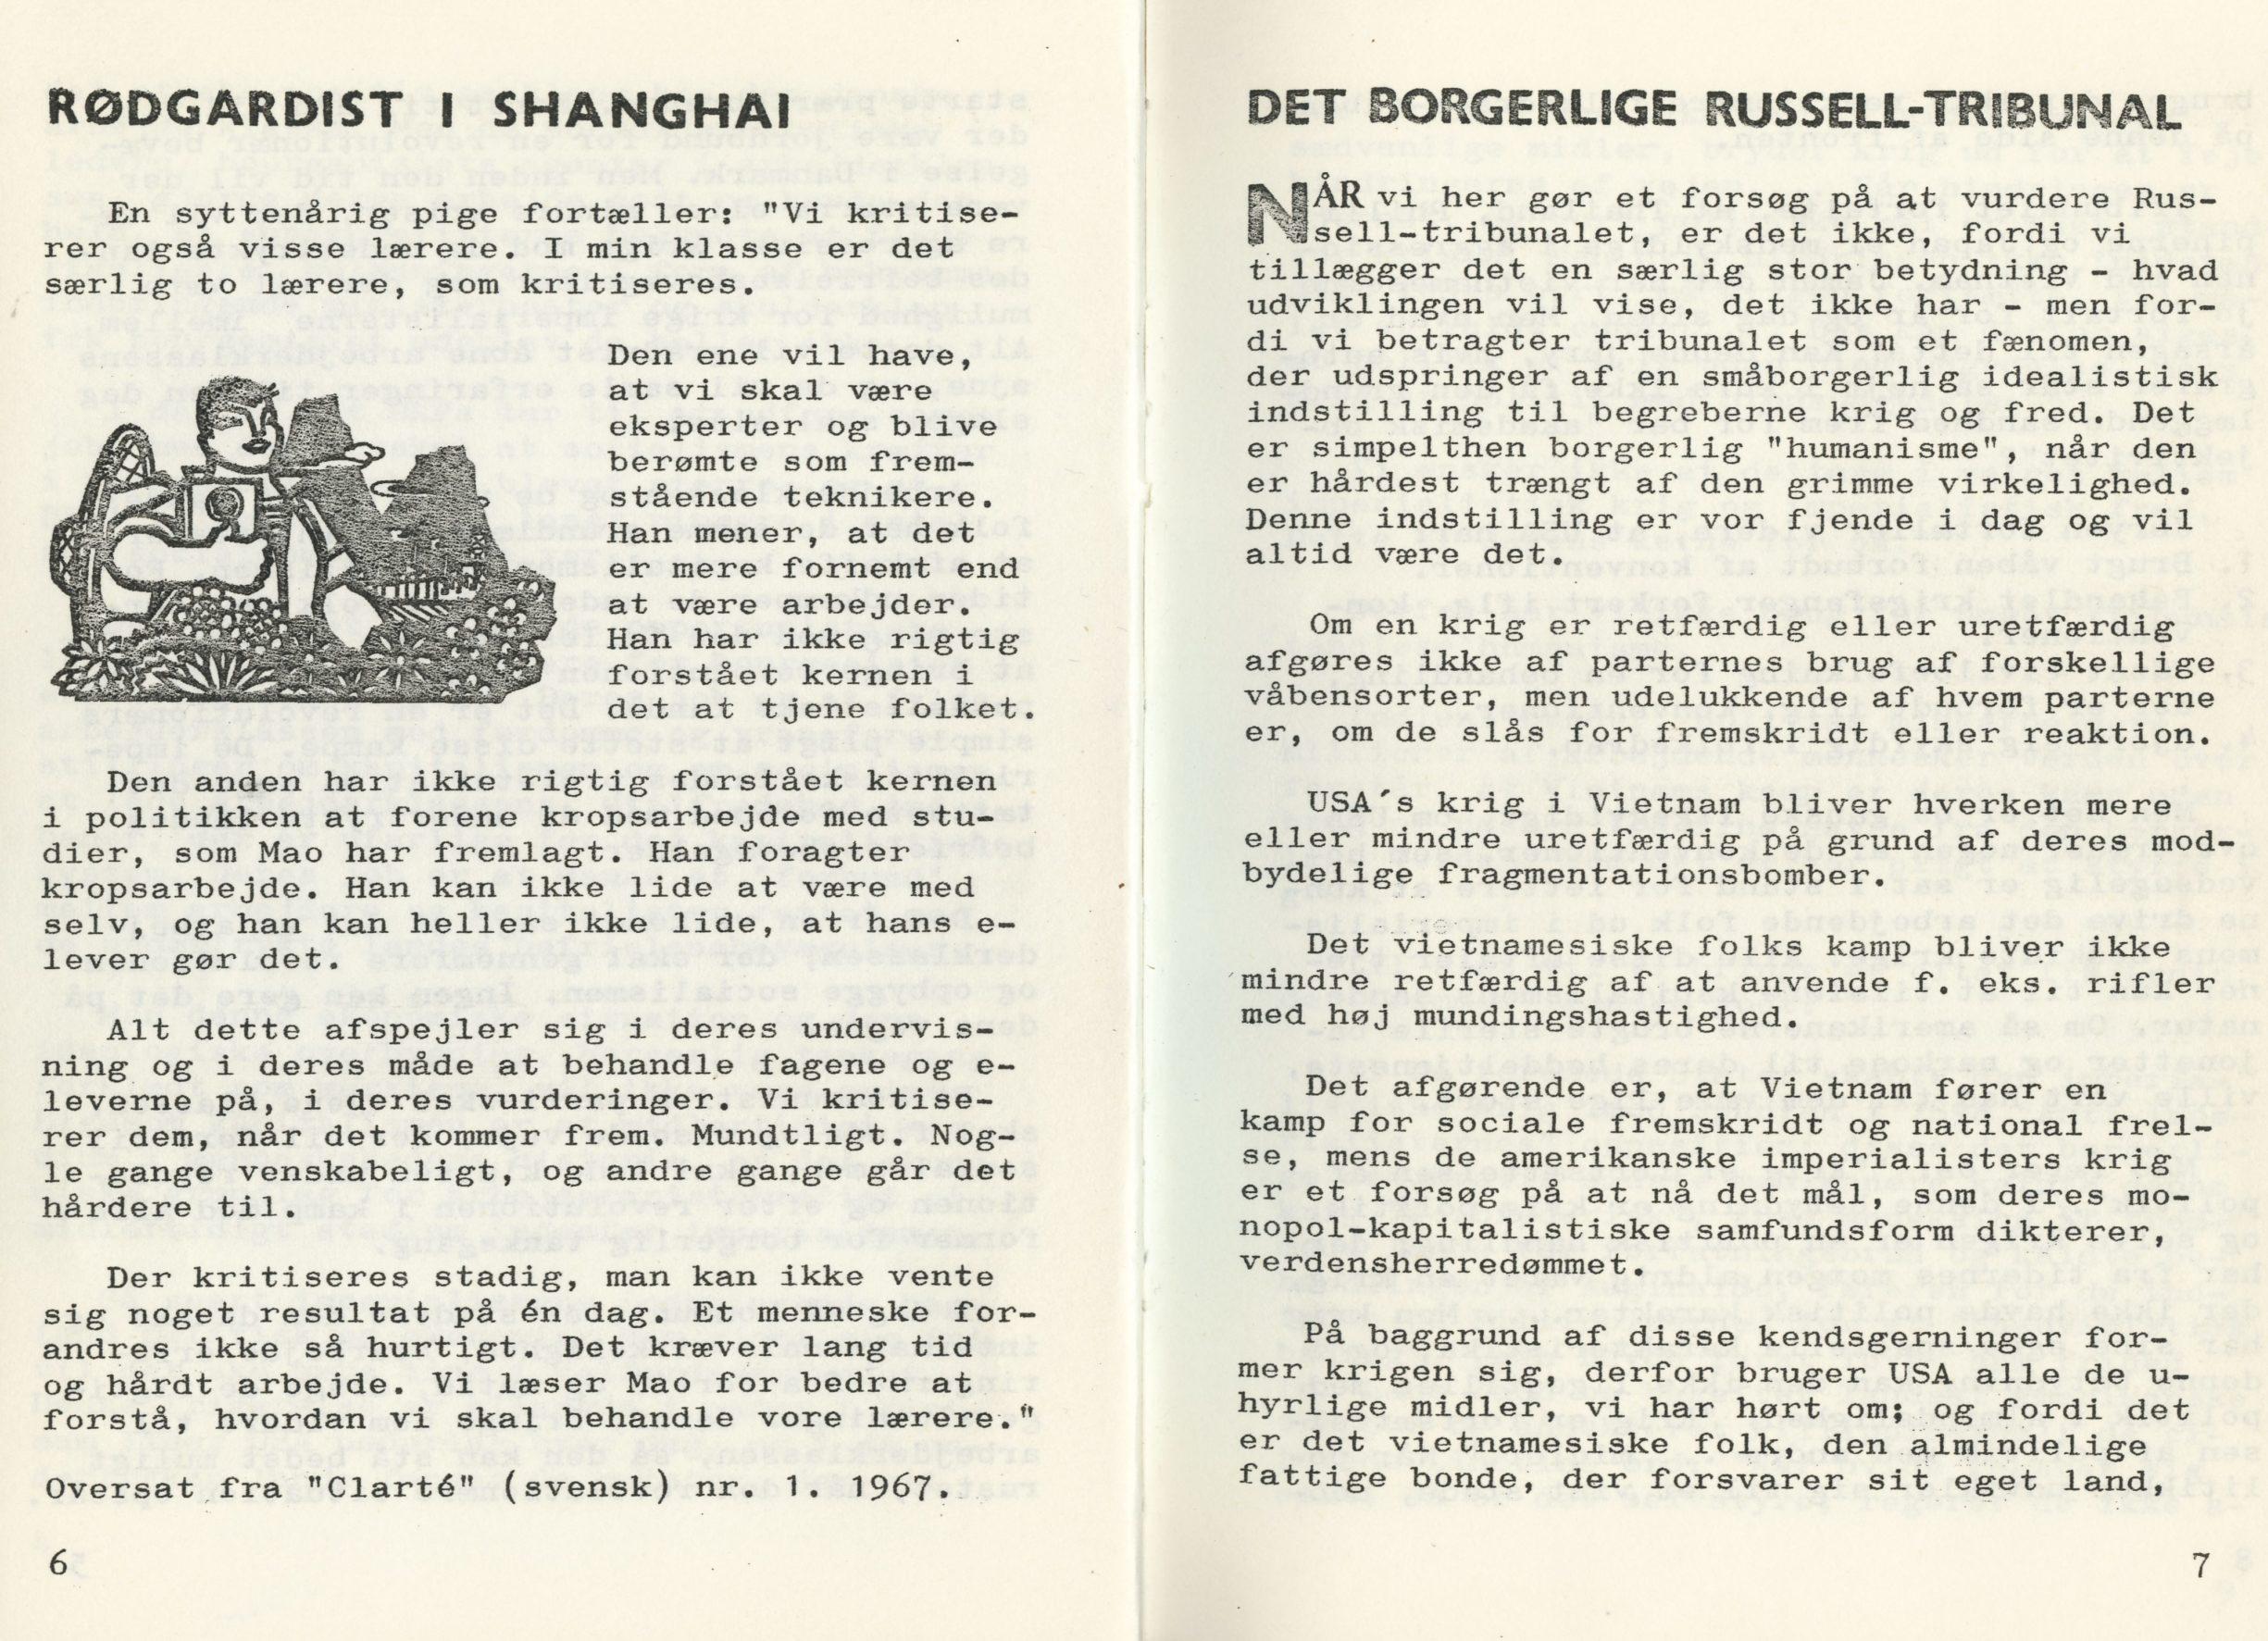 Ungkommunisten, 1. årgang, februar 1968, nr. 2, s. 6-7